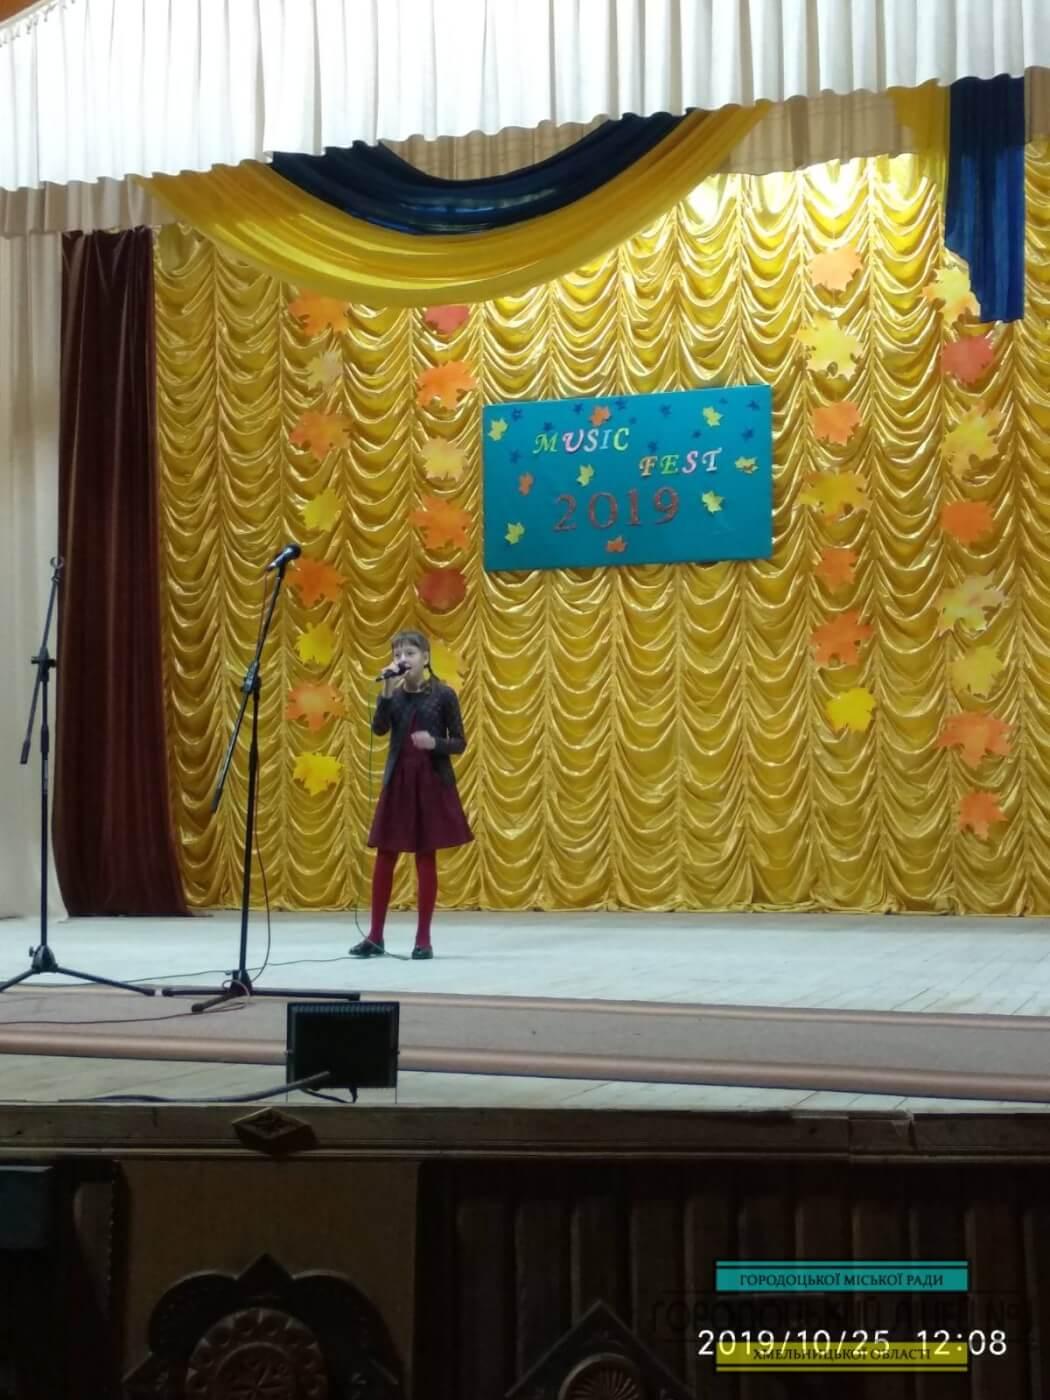 zobrazhennya viber 2019 10 31 14 29 36 - Music Fest «Городоцька осінь 2019»